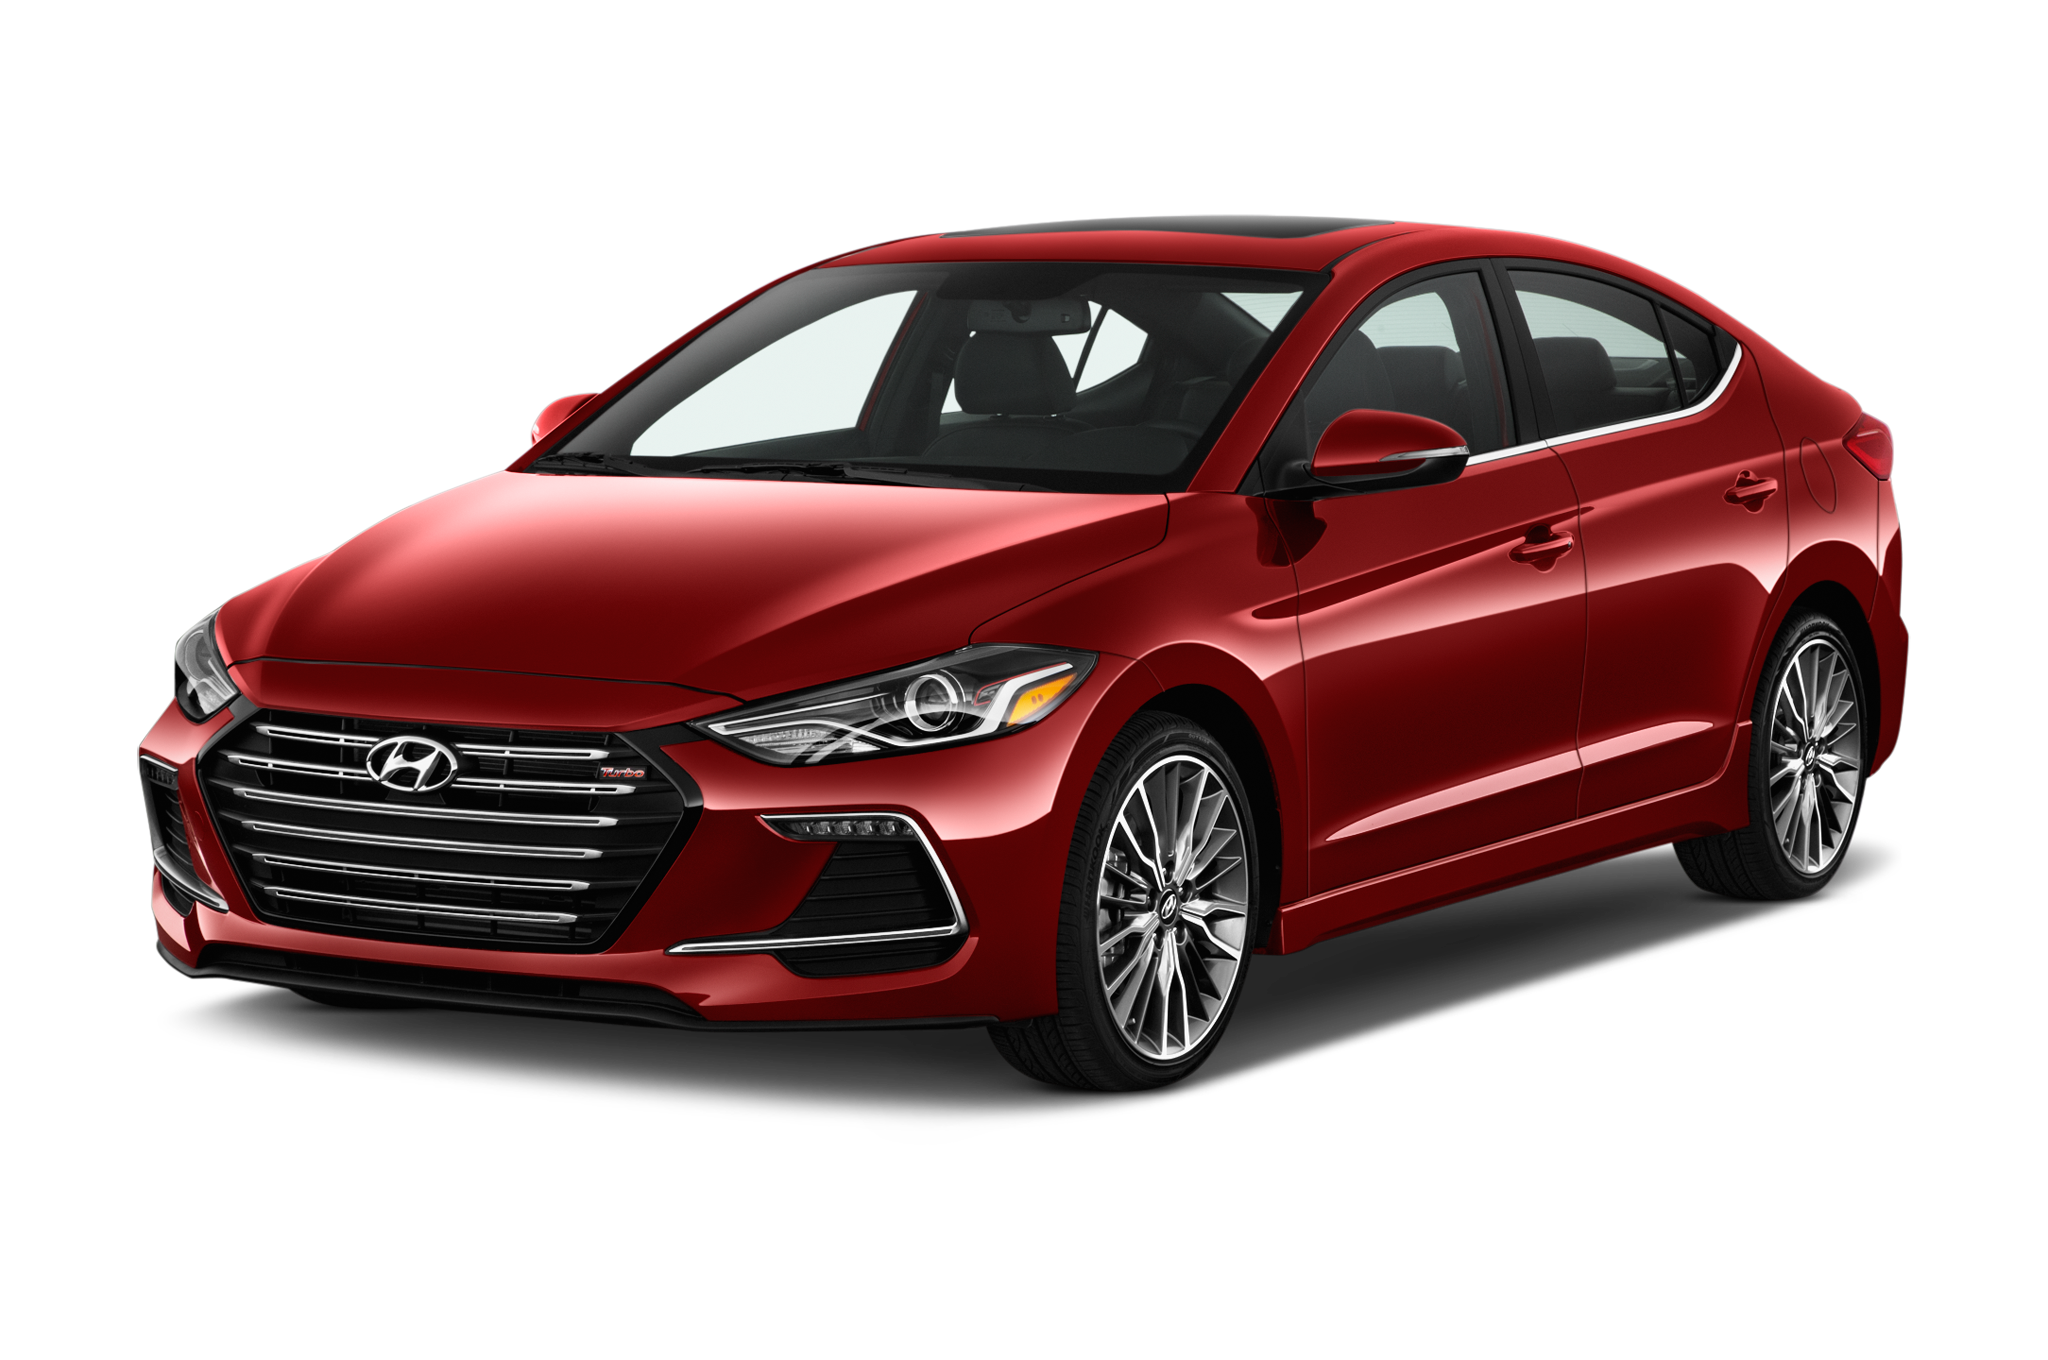 2018 Hyundai Elantra 1.6 Sport A/T Pricing - MSN Autos